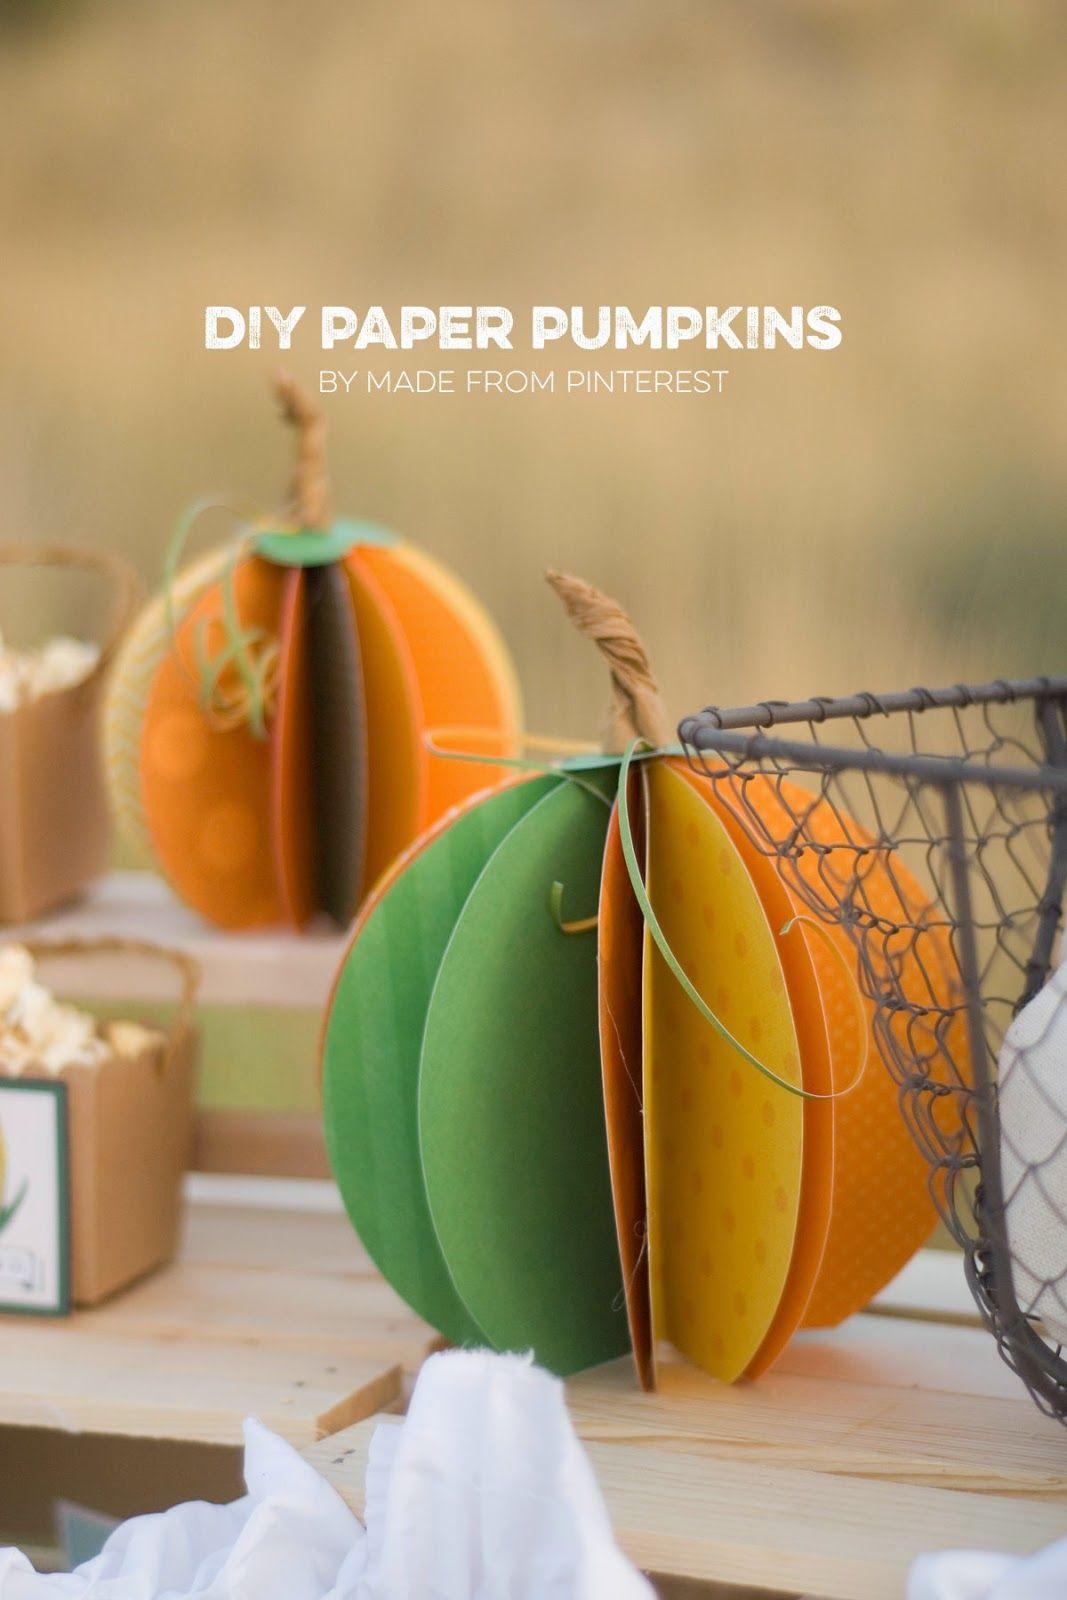 The Party Hop: Autumn Market - DIY Pie/Paper Pumpkins/Banner